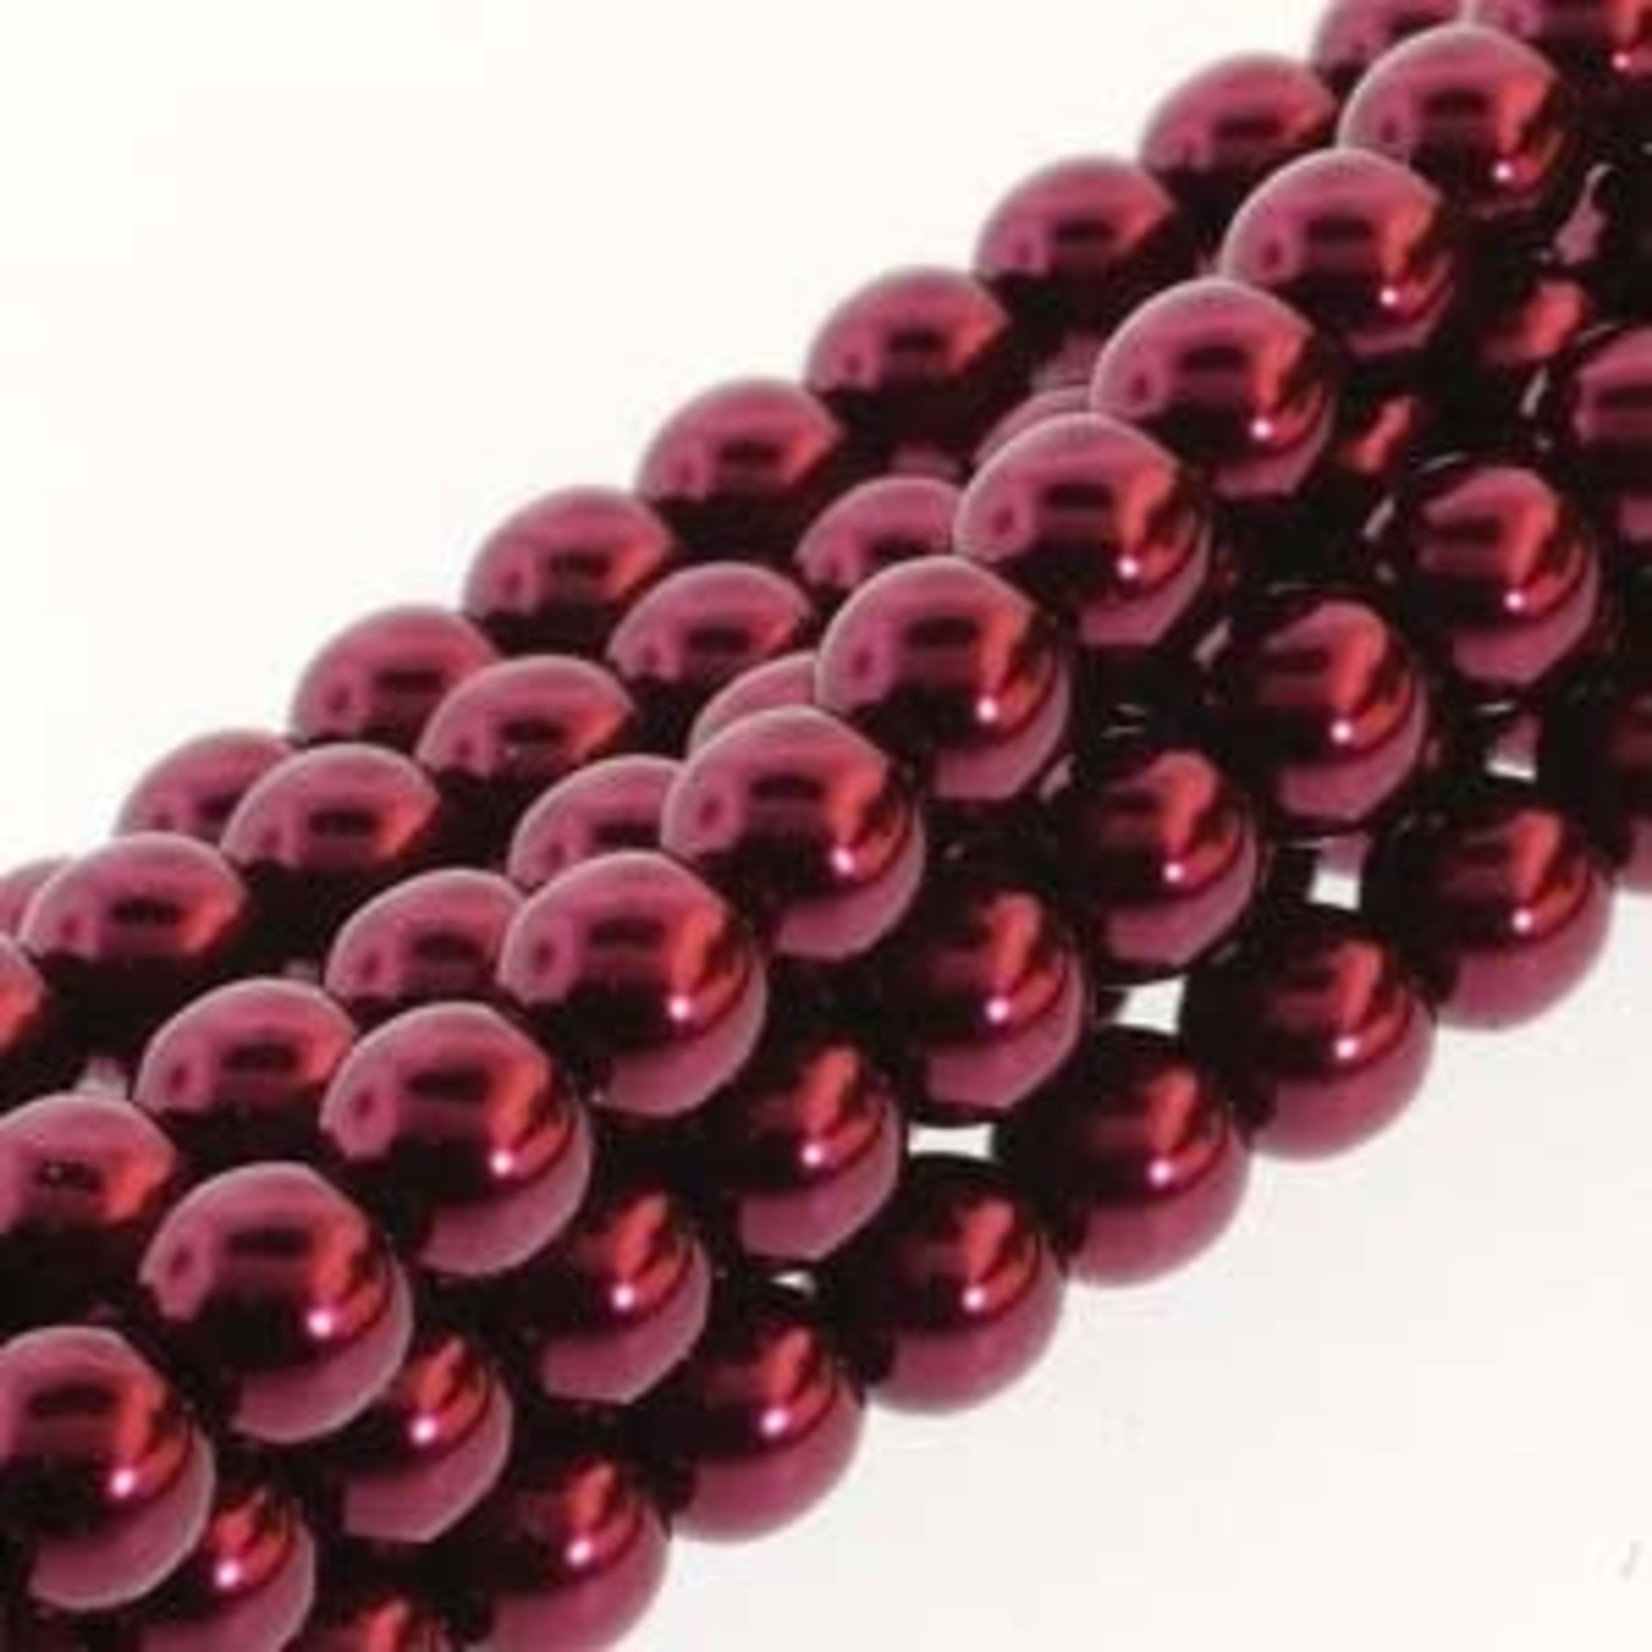 PRECIOSA Crystal Pearls 8mm Burgundy 75/Str